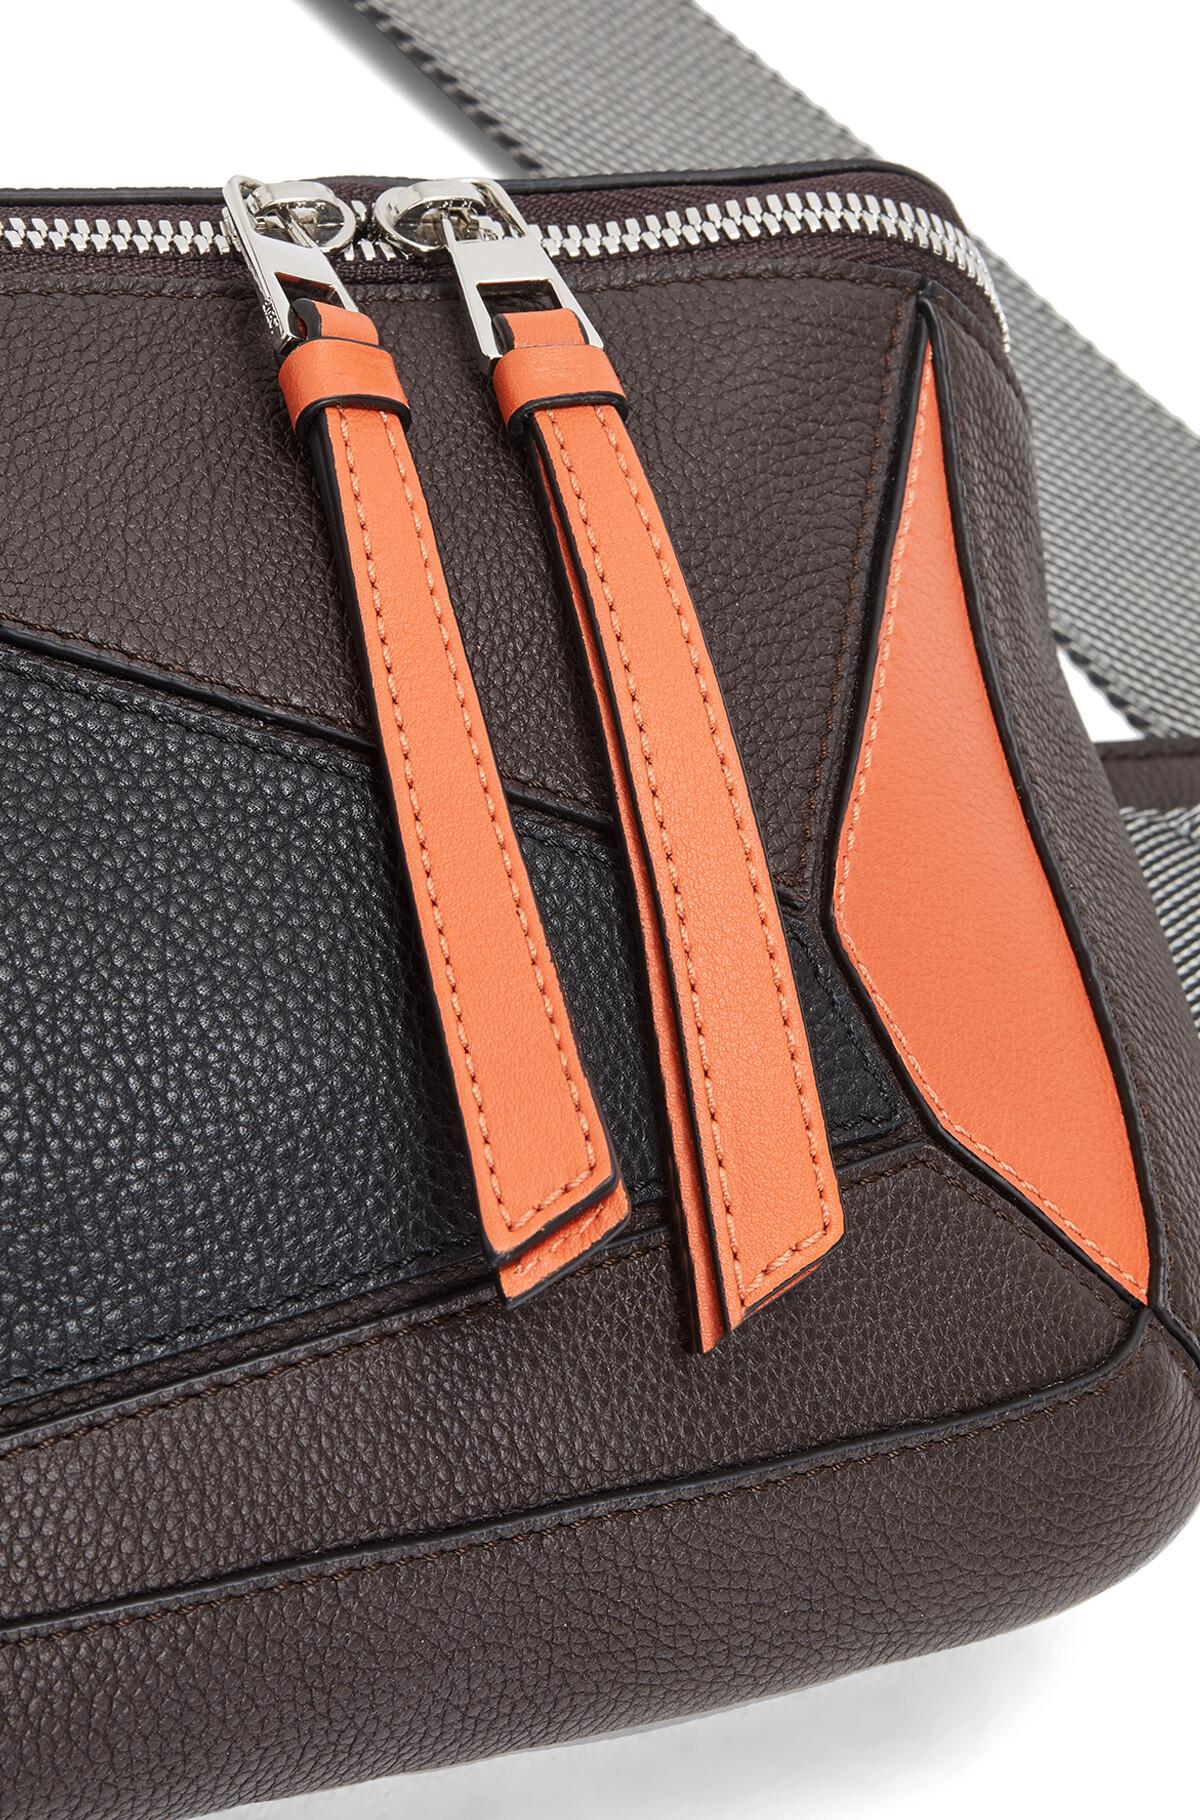 LOEWE Puzzle Sling Chocolate Brown/Orange front